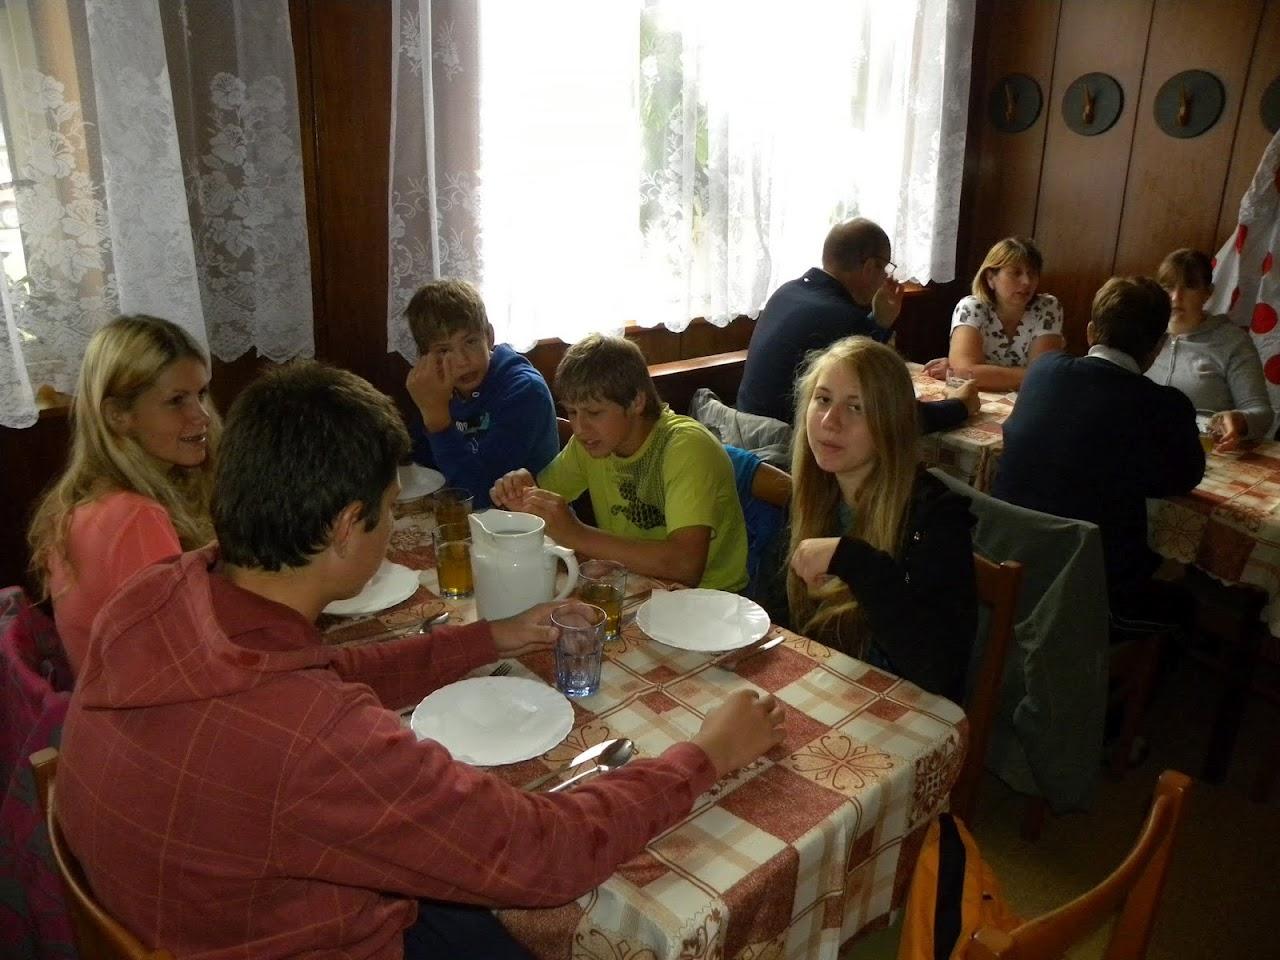 Tábor - Veľké Karlovice - fotka 204.JPG